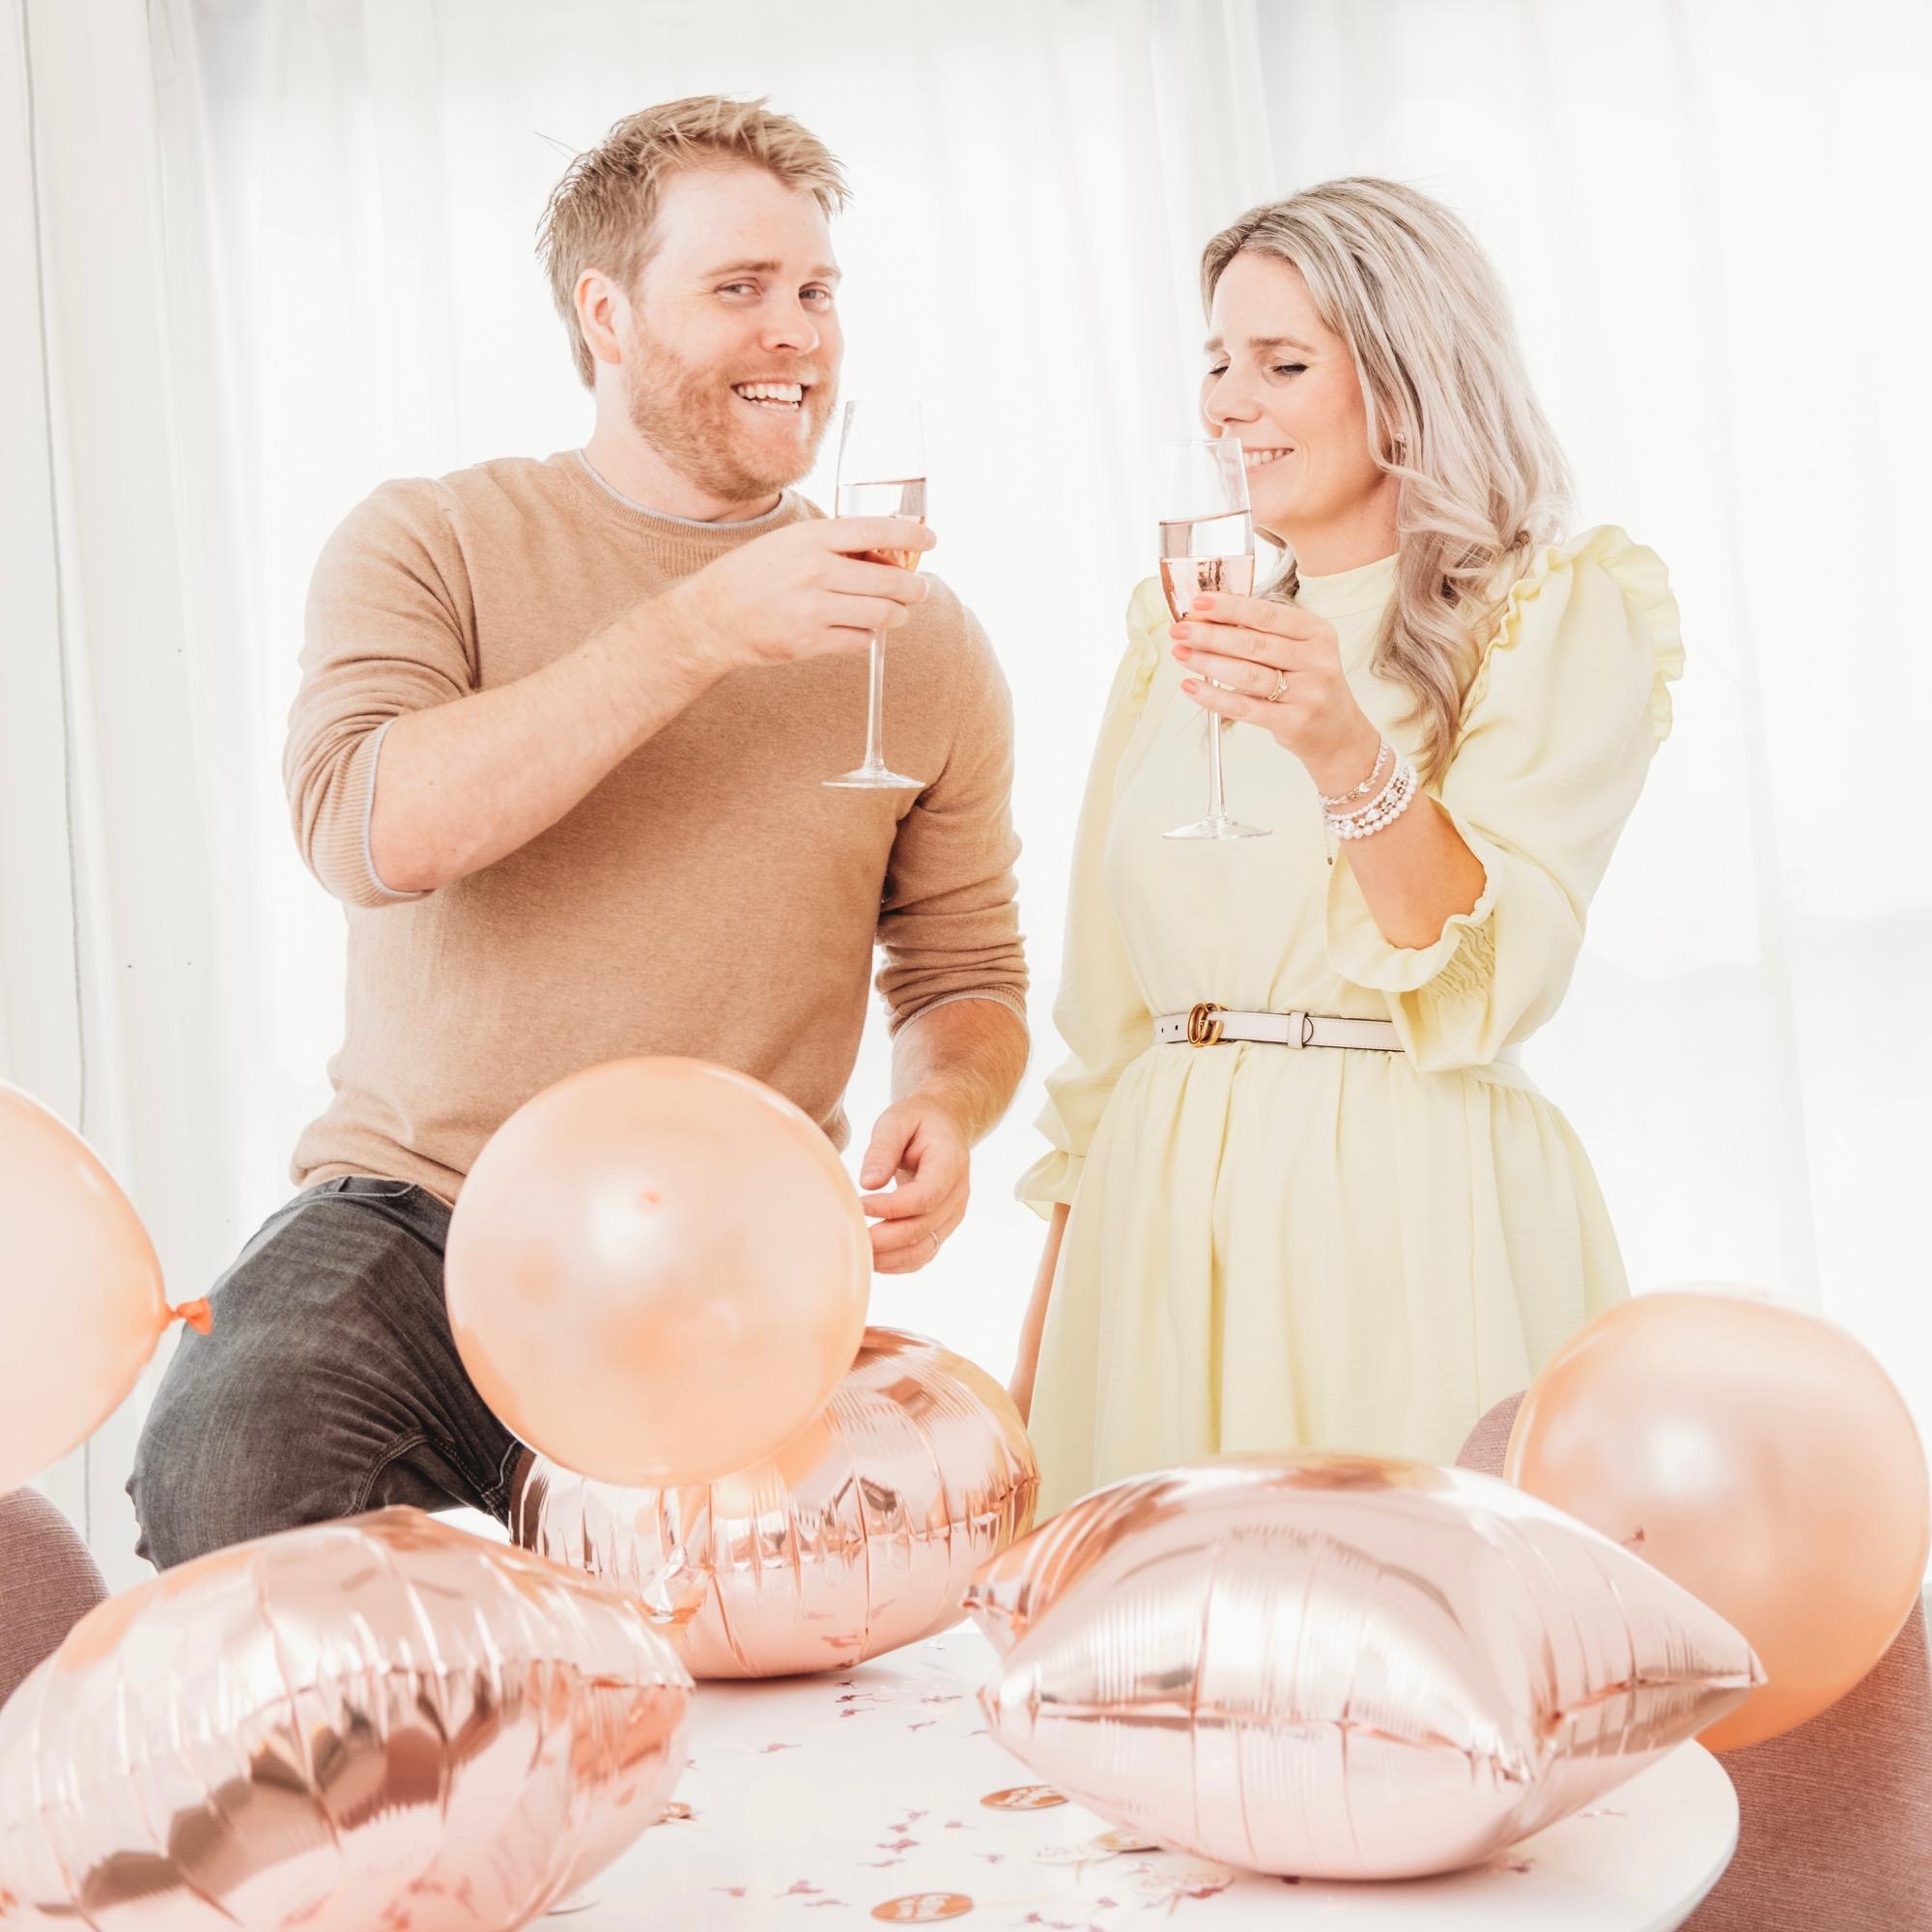 man en vrouw vieren feest met ballonnen en drankje